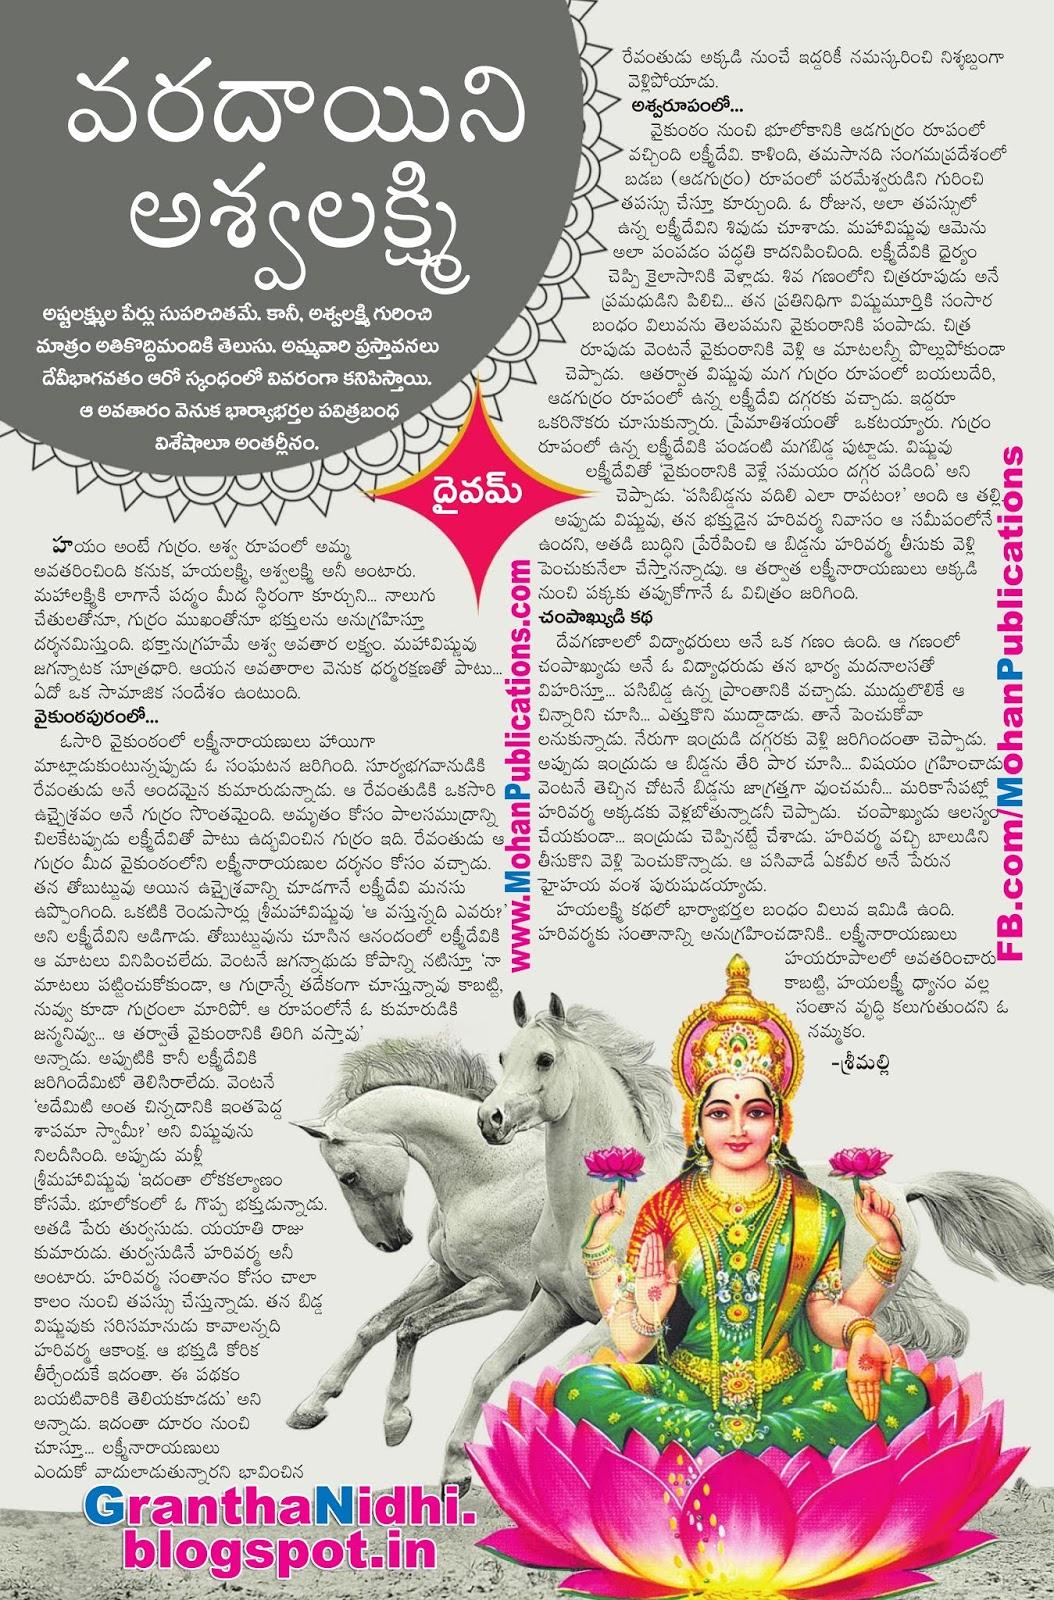 అశ్వలక్ష్మీ | AswaLakshmi | GRANTHANIDHI | MOHANPUBLICATIONS | Aswalakshmi Haya Lakshmi lord lakshmi lord vishnu astalakshmi Publications in Rajahmundry, Books Publisher in Rajahmundry, Popular Publisher in Rajahmundry, BhaktiPustakalu, Makarandam, Bhakthi Pustakalu, JYOTHISA,VASTU,MANTRA, TANTRA,YANTRA,RASIPALITALU, BHAKTI,LEELA,BHAKTHI SONGS, BHAKTHI,LAGNA,PURANA,NOMULU, VRATHAMULU,POOJALU,  KALABHAIRAVAGURU, SAHASRANAMAMULU,KAVACHAMULU, ASHTORAPUJA,KALASAPUJALU, KUJA DOSHA,DASAMAHAVIDYA, SADHANALU,MOHAN PUBLICATIONS, RAJAHMUNDRY BOOK STORE, BOOKS,DEVOTIONAL BOOKS, KALABHAIRAVA GURU,KALABHAIRAVA, RAJAMAHENDRAVARAM,GODAVARI,GOWTHAMI, FORTGATE,KOTAGUMMAM,GODAVARI RAILWAY STATION, PRINT BOOKS,E BOOKS,PDF BOOKS, FREE PDF BOOKS,BHAKTHI MANDARAM,GRANTHANIDHI, GRANDANIDI,GRANDHANIDHI, BHAKTHI PUSTHAKALU, BHAKTI PUSTHAKALU, BHAKTHI